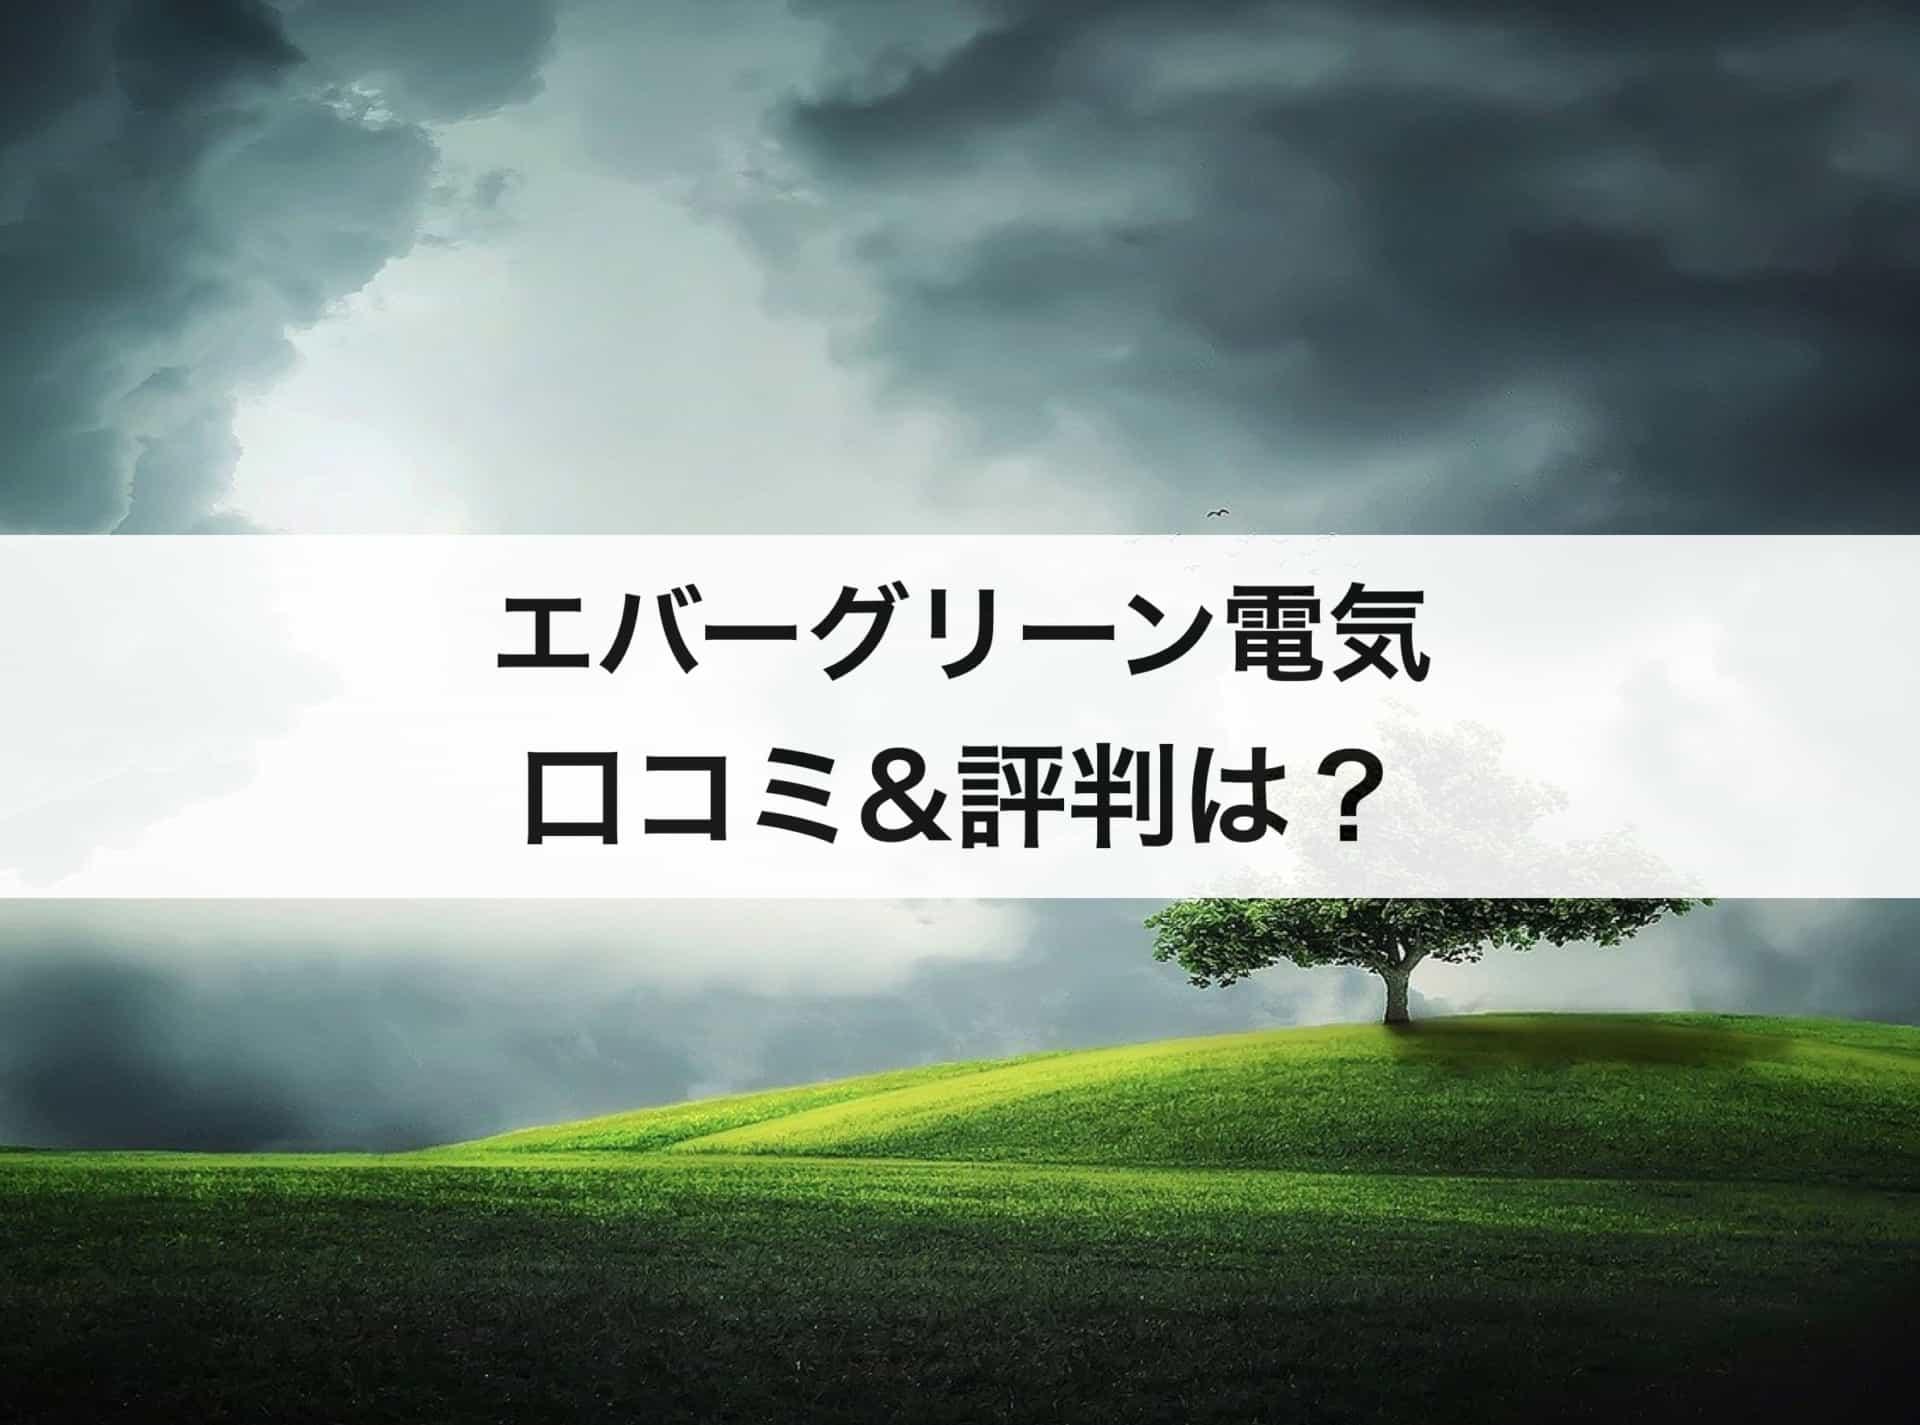 エバーグリーン電気(旧:イーレックス)の口コミや評判は?メリット&デメリット紹介!